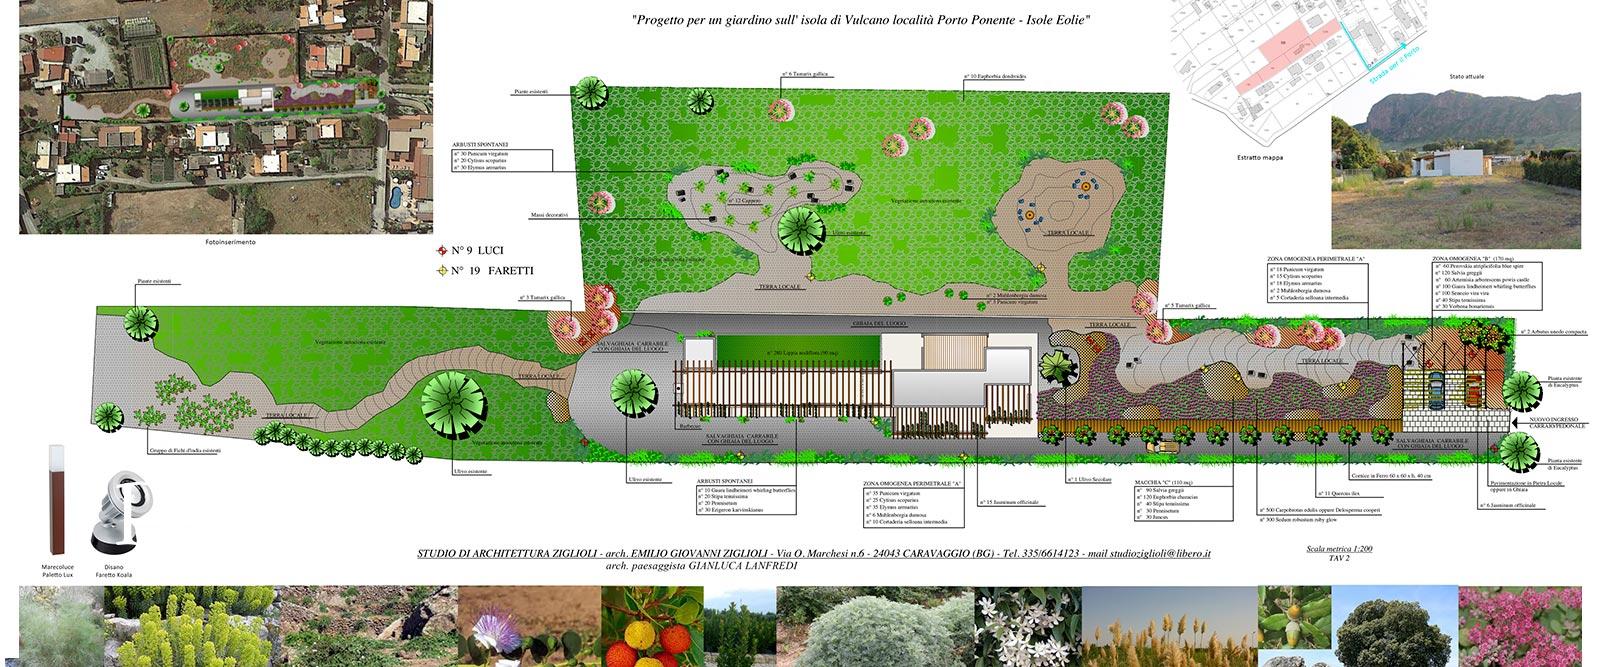 Metodo realizzazione giardini artistici tecnologici e di - Tavola valdese progetti approvati 2015 ...